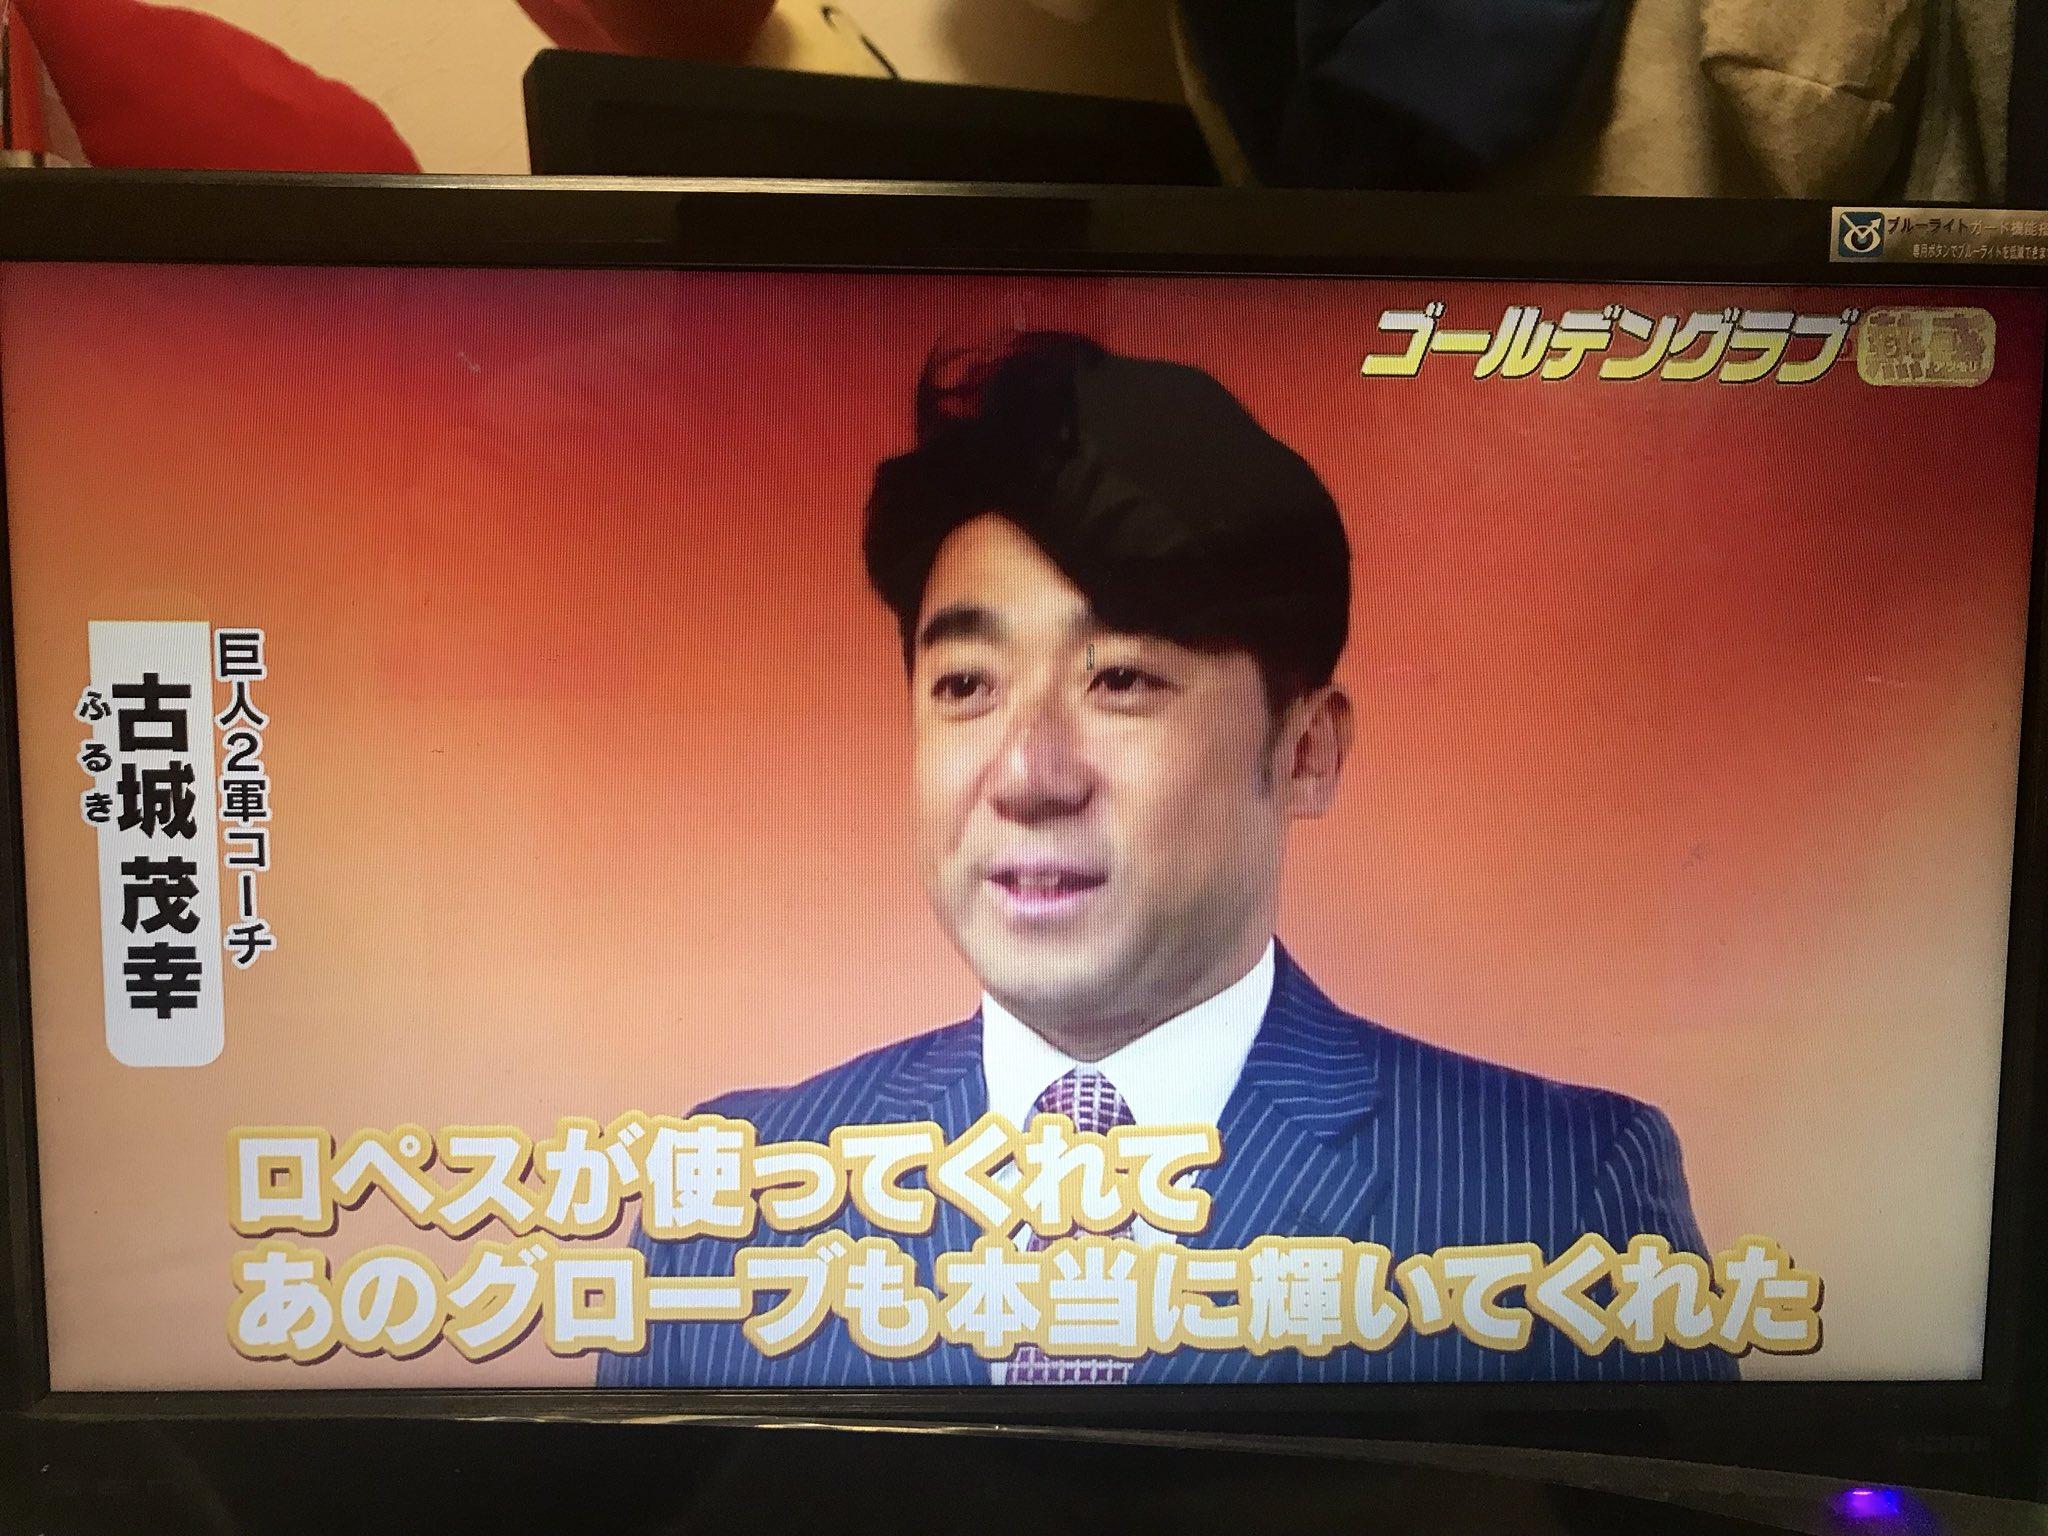 """ま on Twitter: """"横浜のロペスは、いまでも古城のグラブを使っていると ..."""